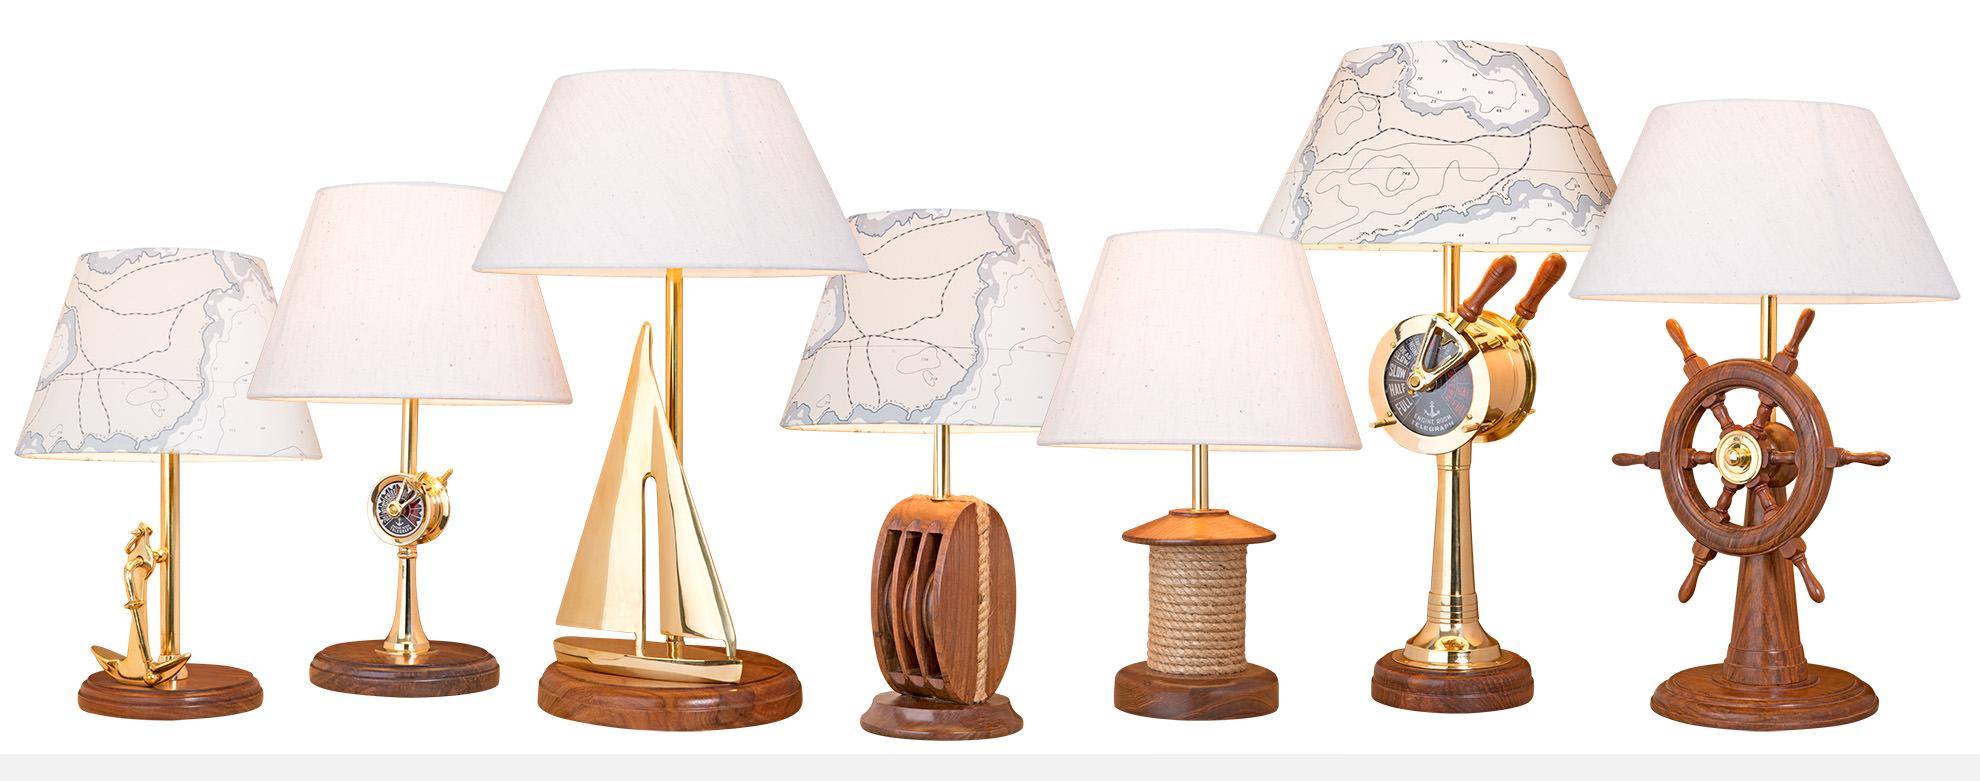 tischlampen und tischleuchten aus holz und messing im maritimen design mare me maritime. Black Bedroom Furniture Sets. Home Design Ideas